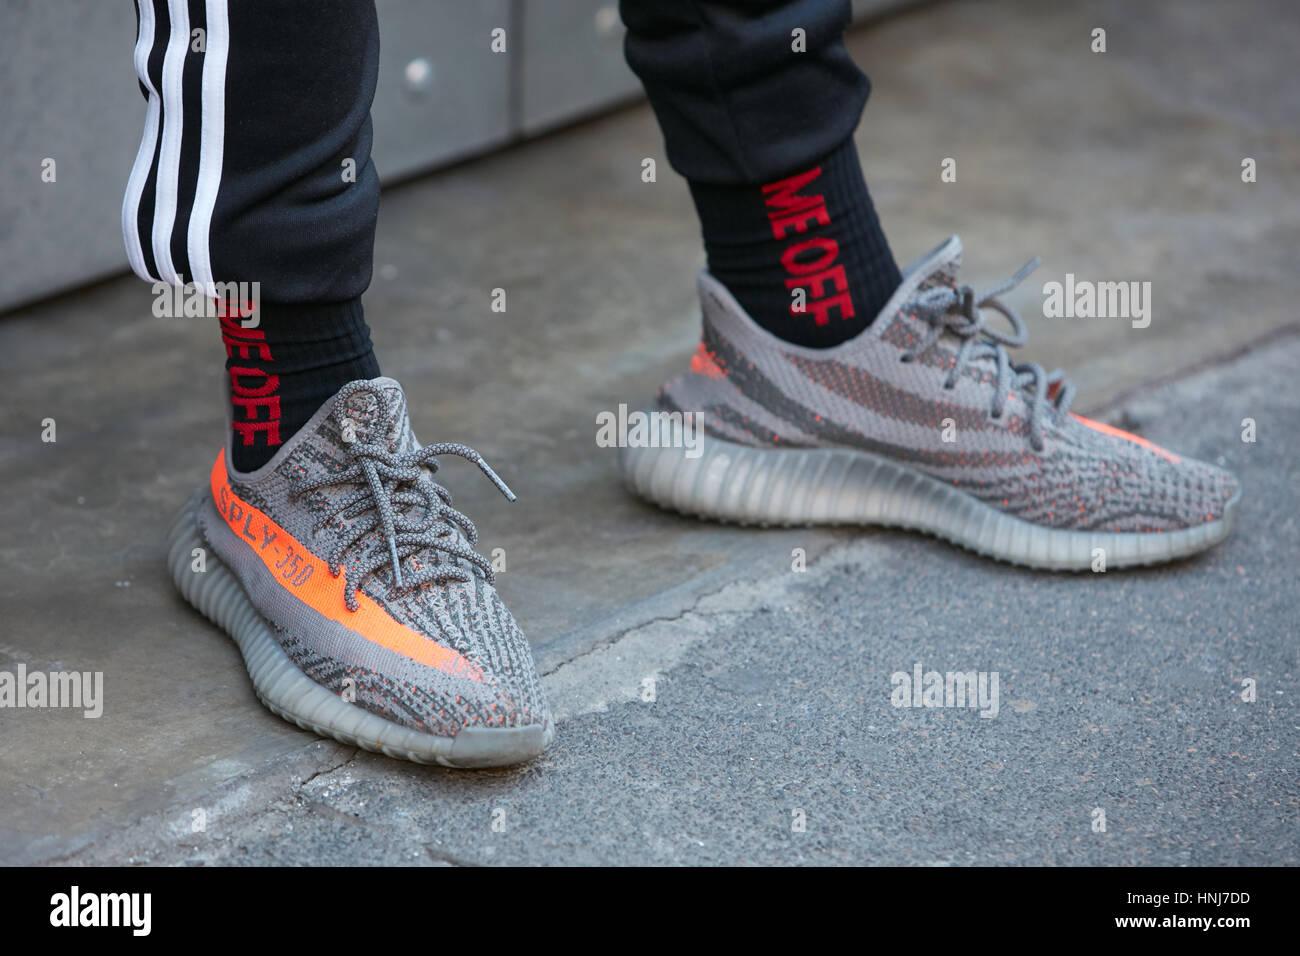 Adidas Stockfotos & Adidas Bilder Seite 3 Alamy